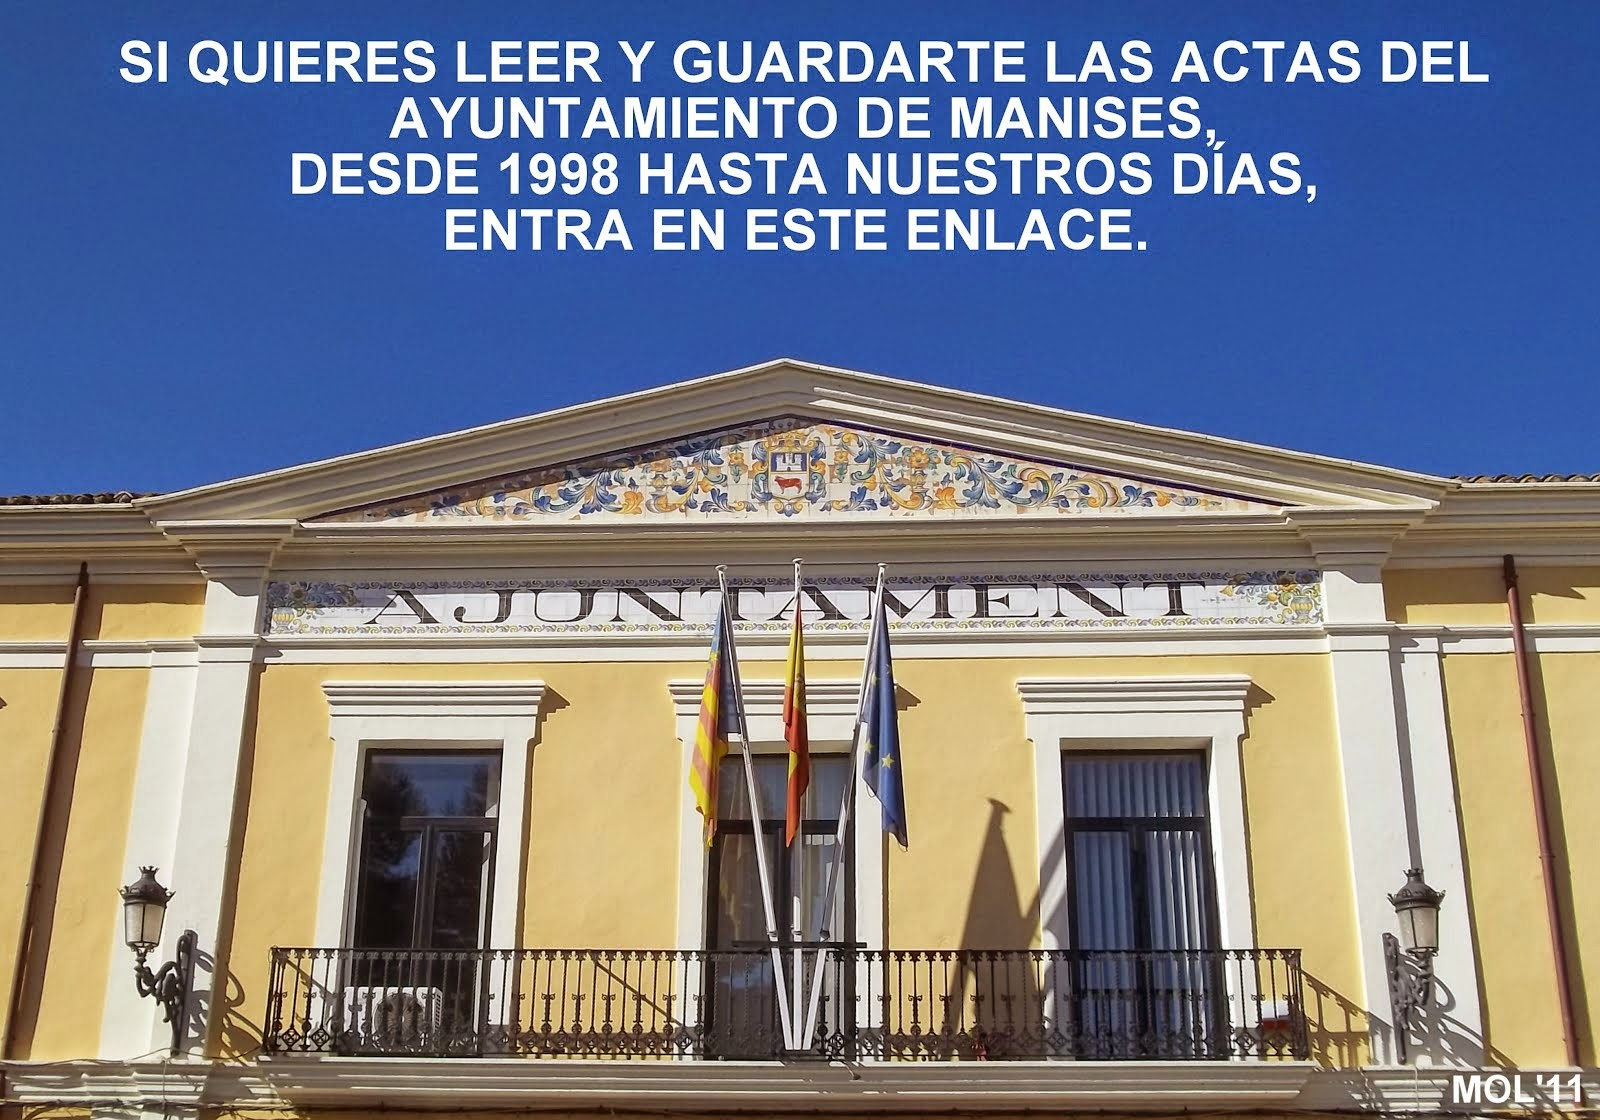 ACTAS DE LOS PLENOS DEL AYUNTAMIENTO DE MANISES DESDE 1998 A 2015